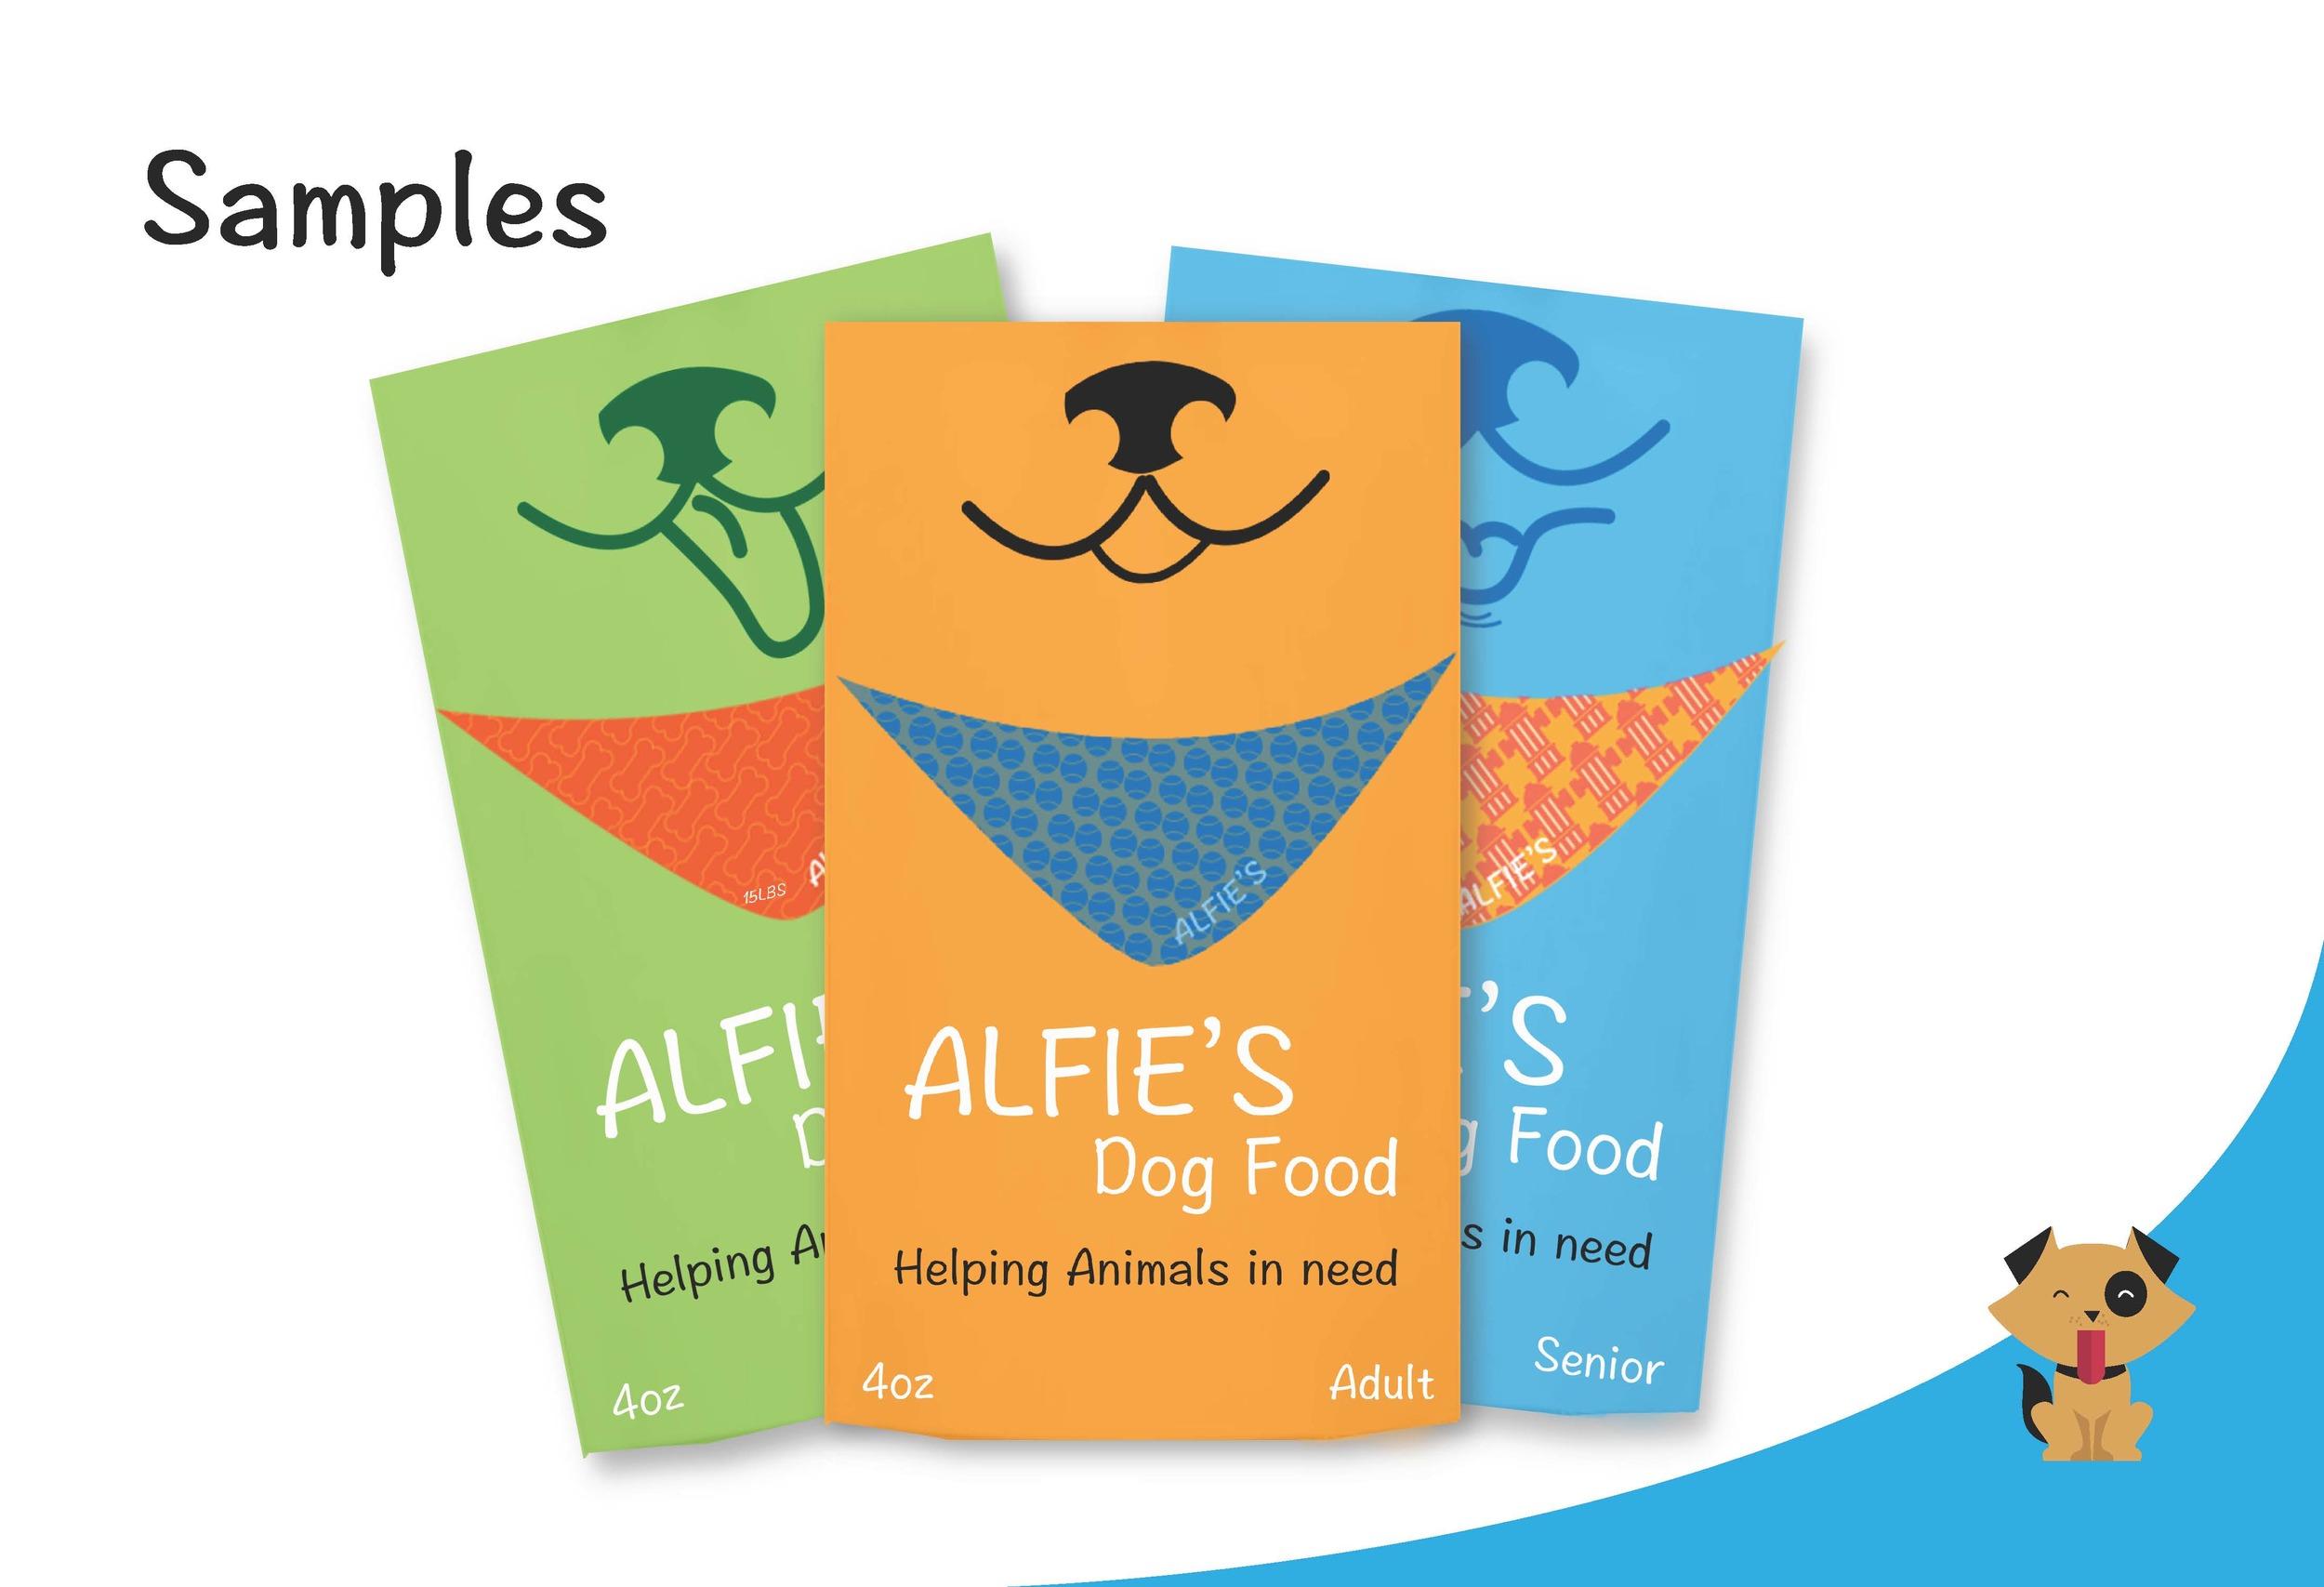 Alfie'sPetFood&Producs_Page_29.jpg